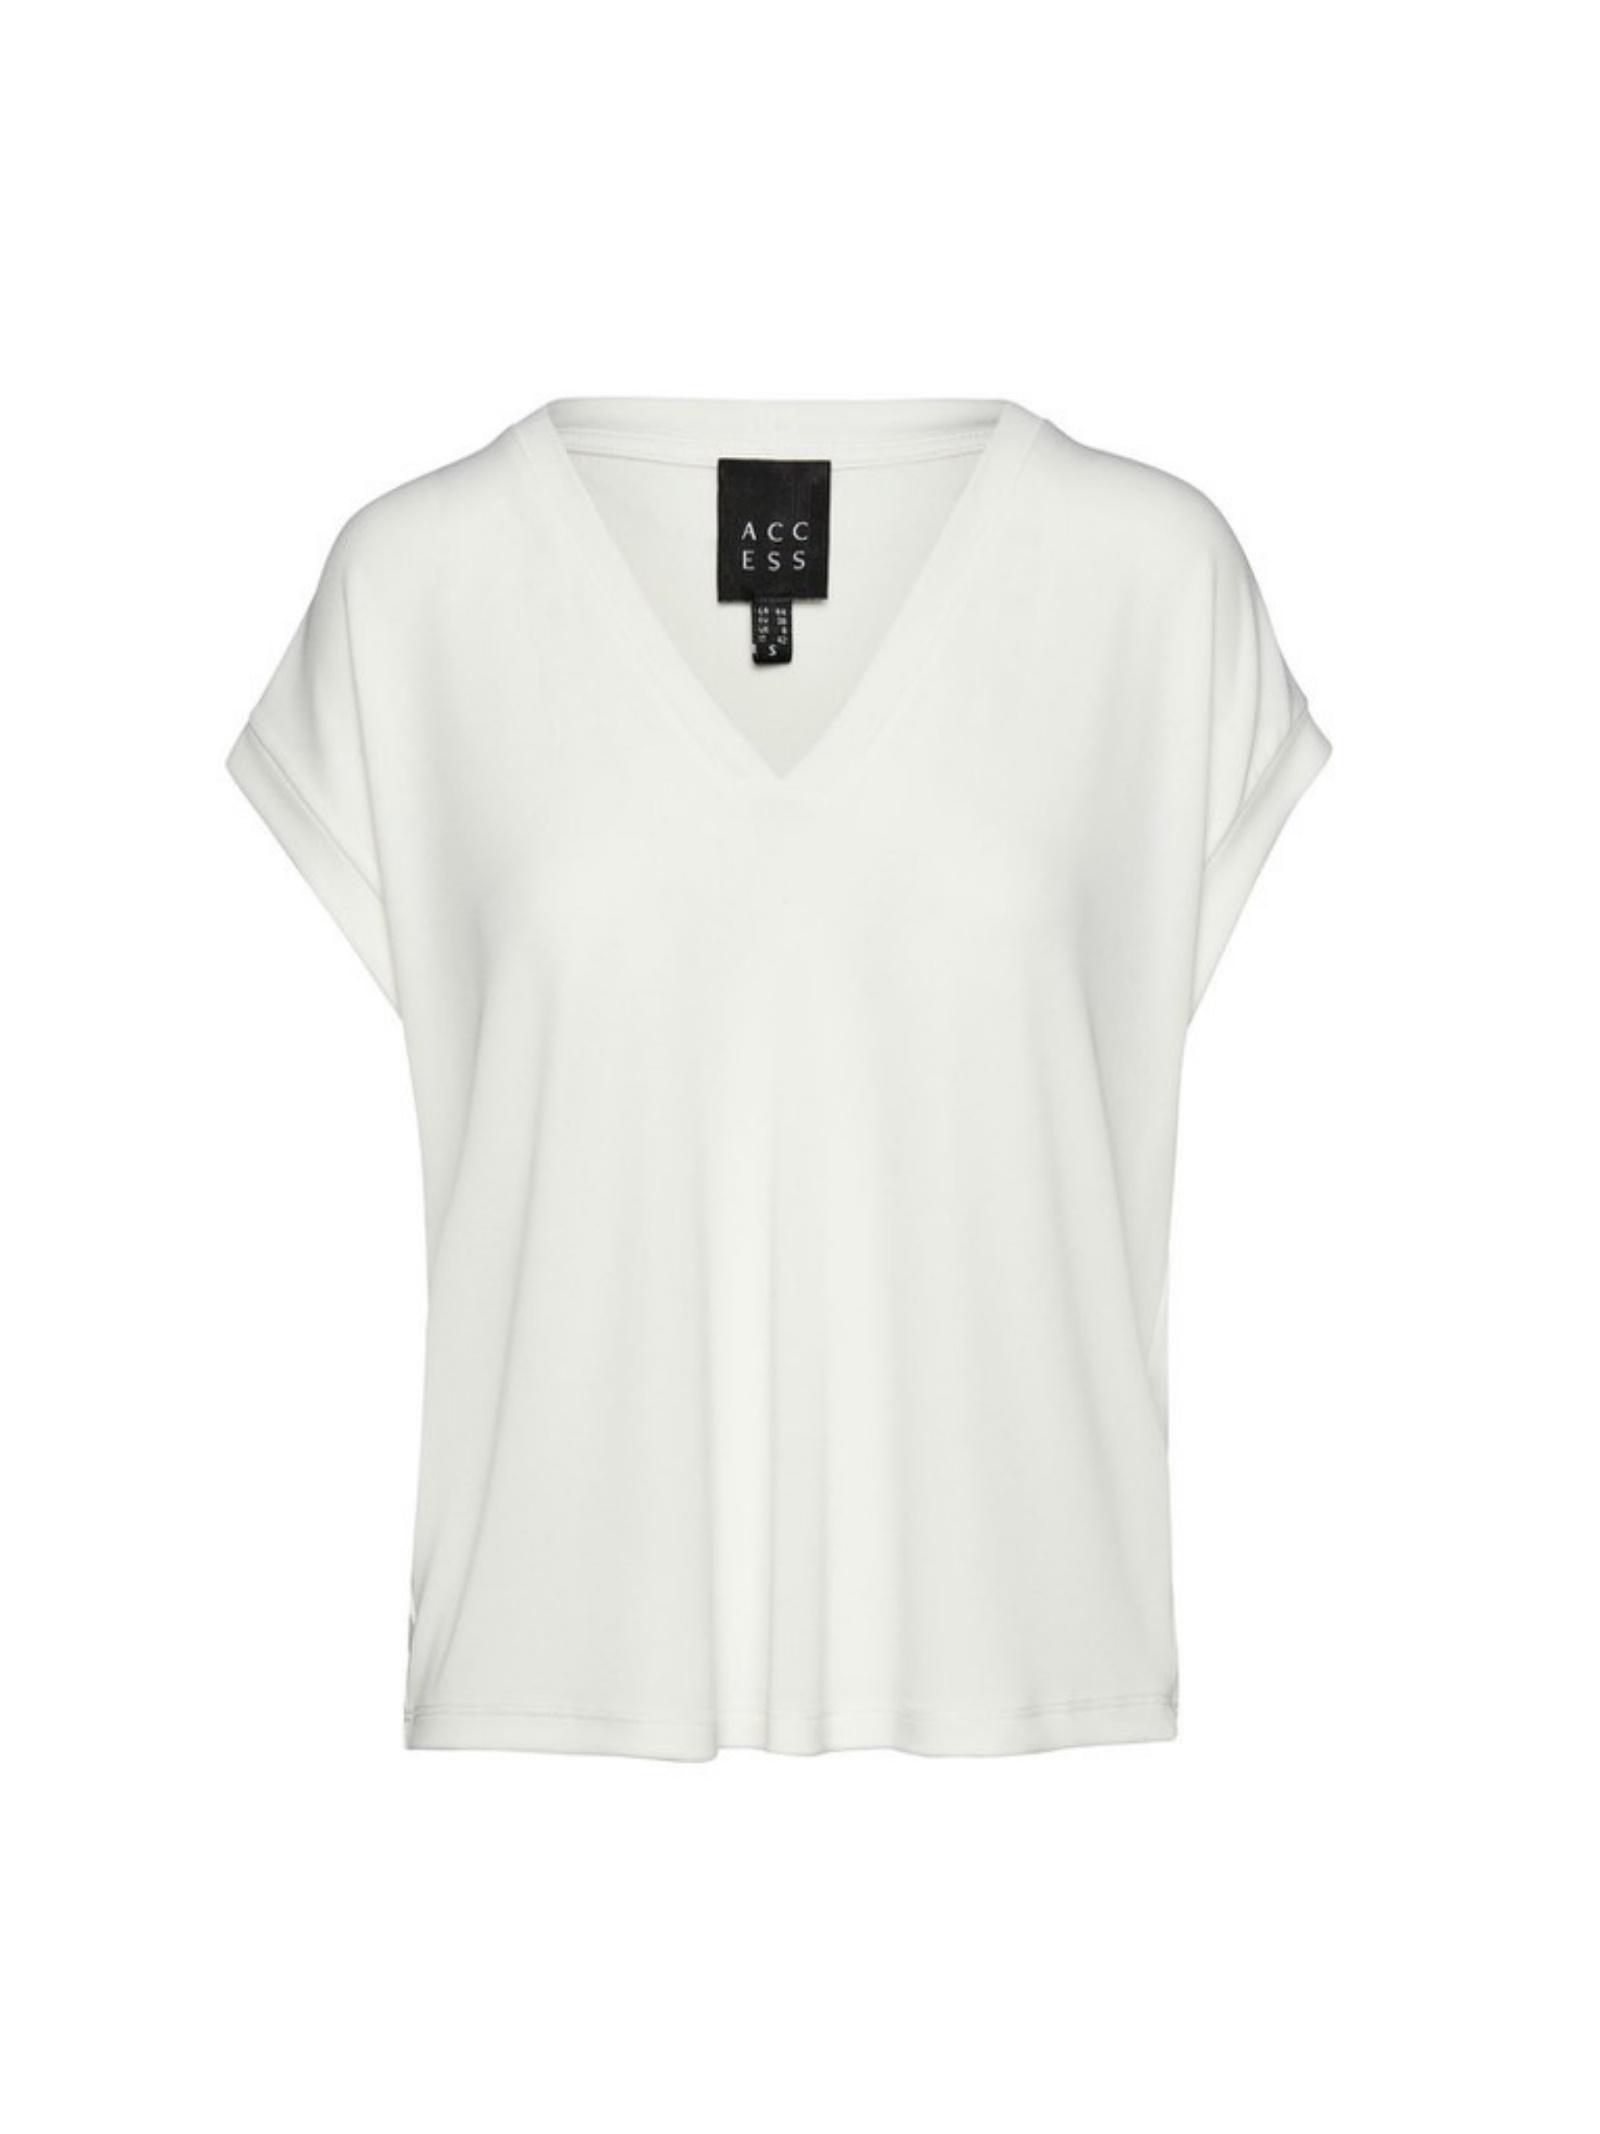 Blusa a maniche corte ACC ESS Fashion | Blusa | 2109-398OFF-WHITE